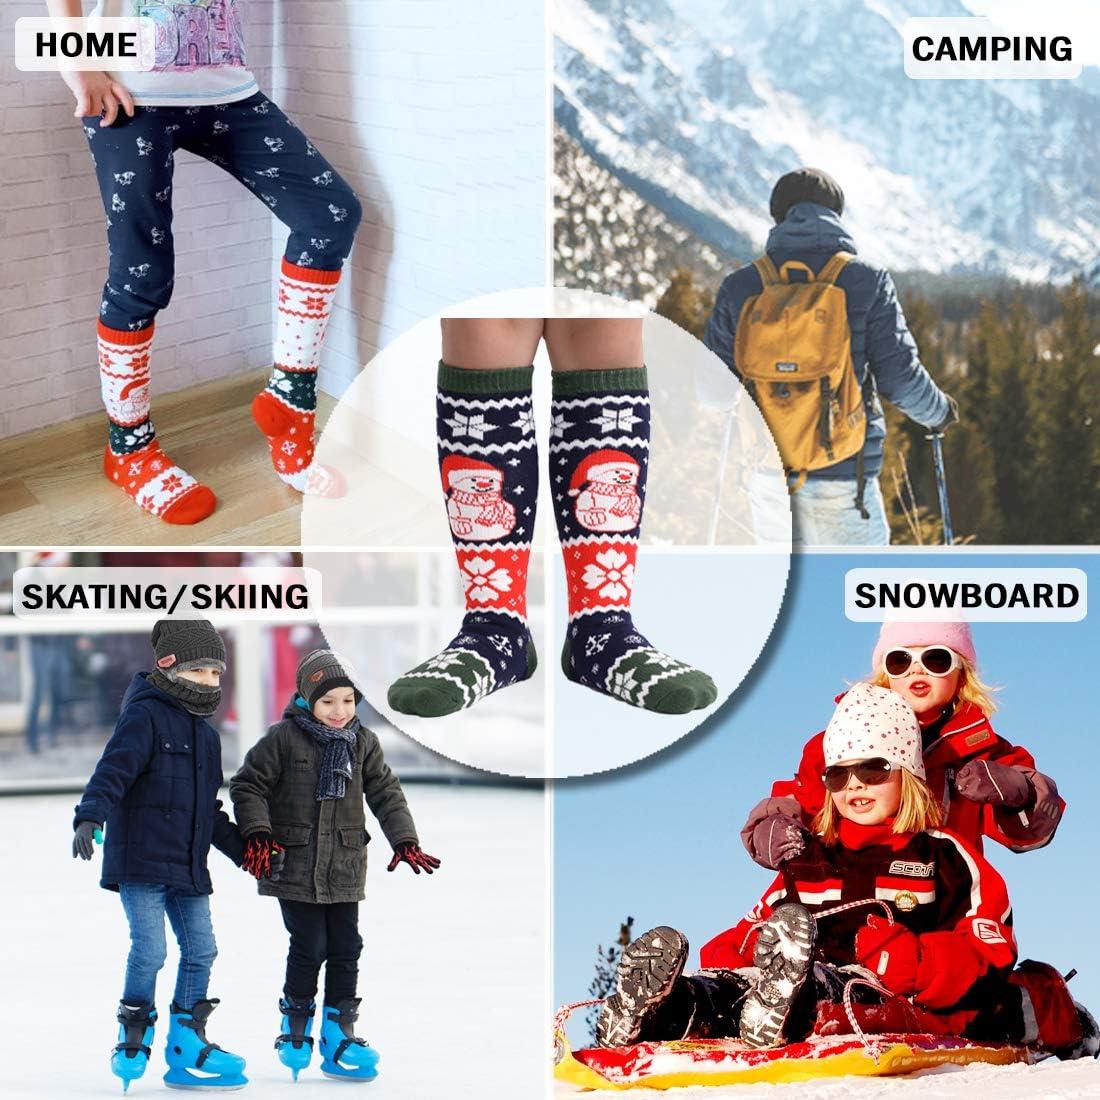 T WILKER 2Pair Kids Ski Socks Wool Warm and Soft Winter Socks,Snow Socks,Over The Calf Christmas Socks for Toddler Boys/&Girls